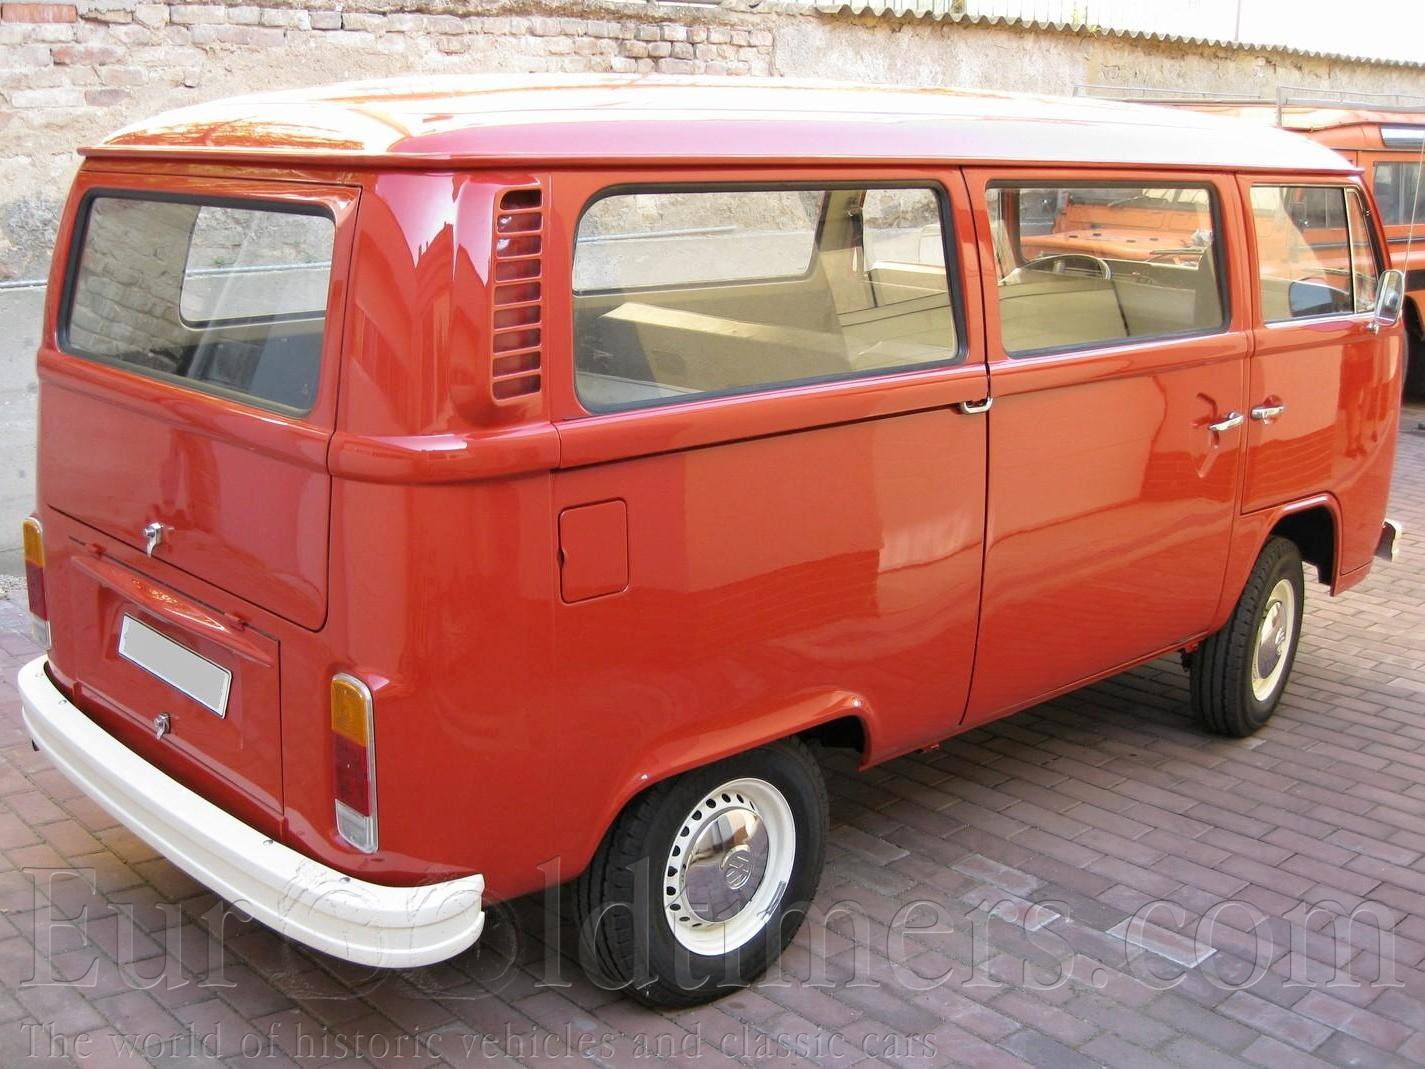 1967 79 vw bus t2 1584ccm gallery veter ni i veter n oldtimers historick vozidla. Black Bedroom Furniture Sets. Home Design Ideas